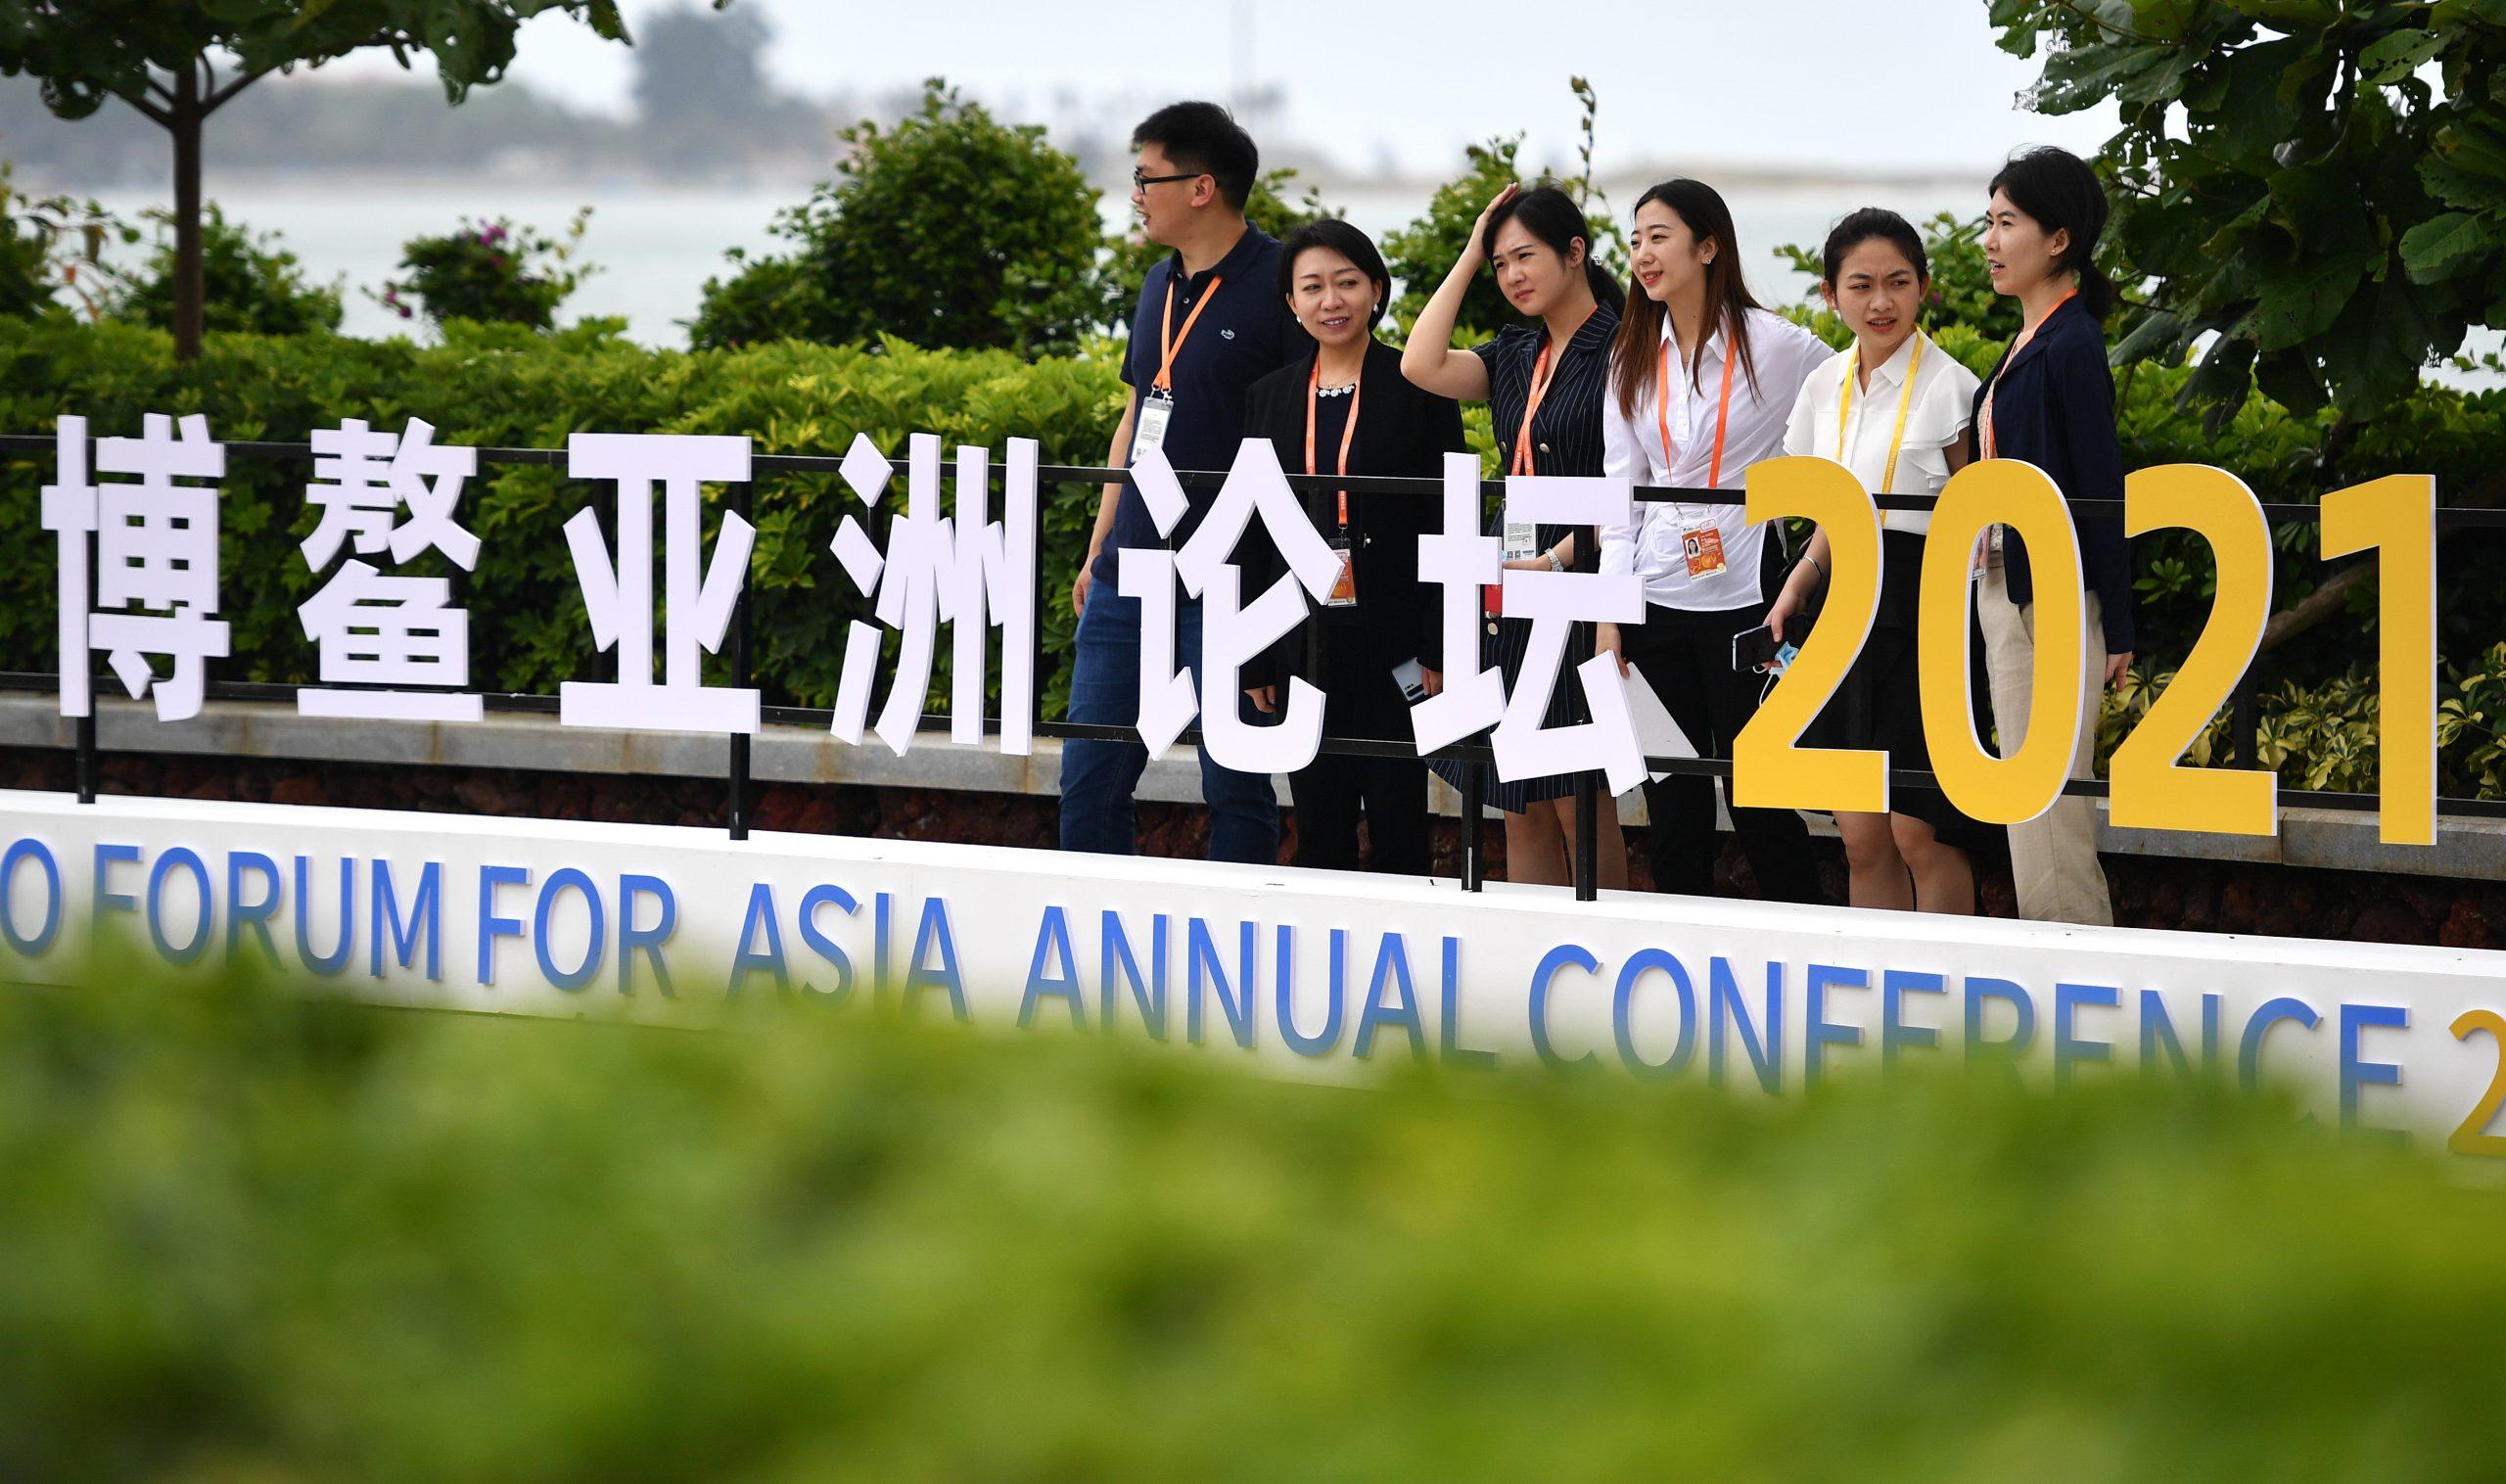 Concluye conferencia anual de Foro de Boao con consenso sobre lucha contra pandemia